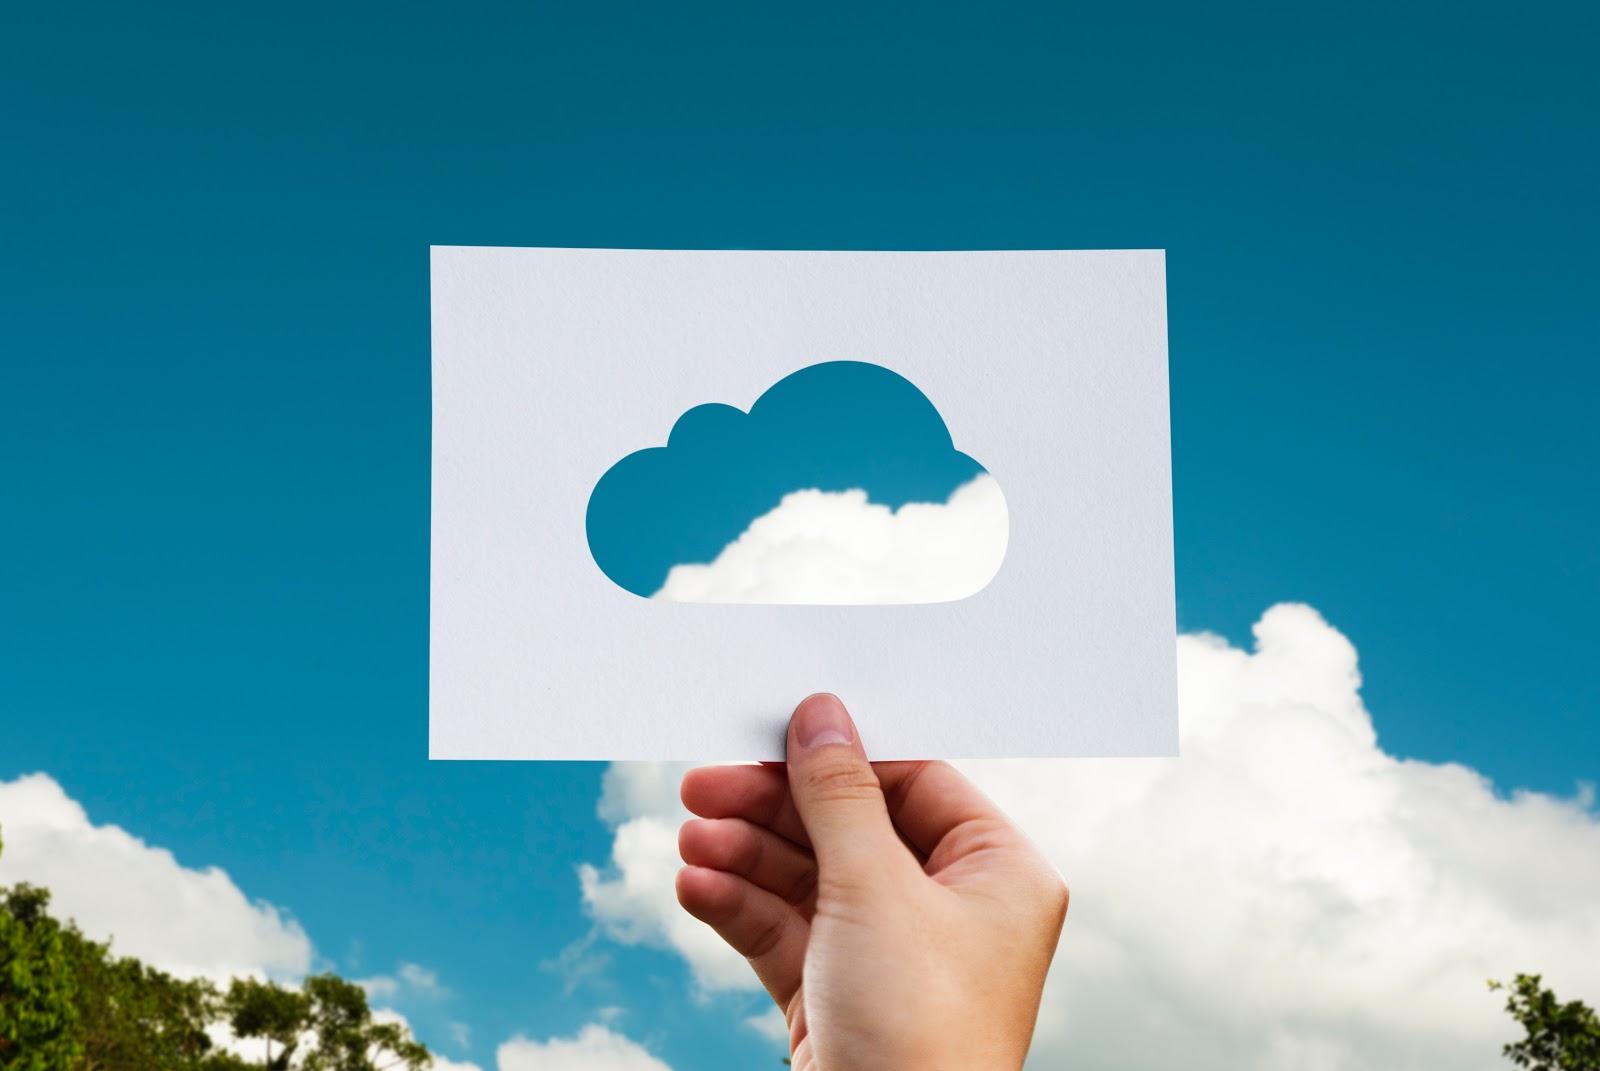 art_blue_skies_clouds_335907__1_